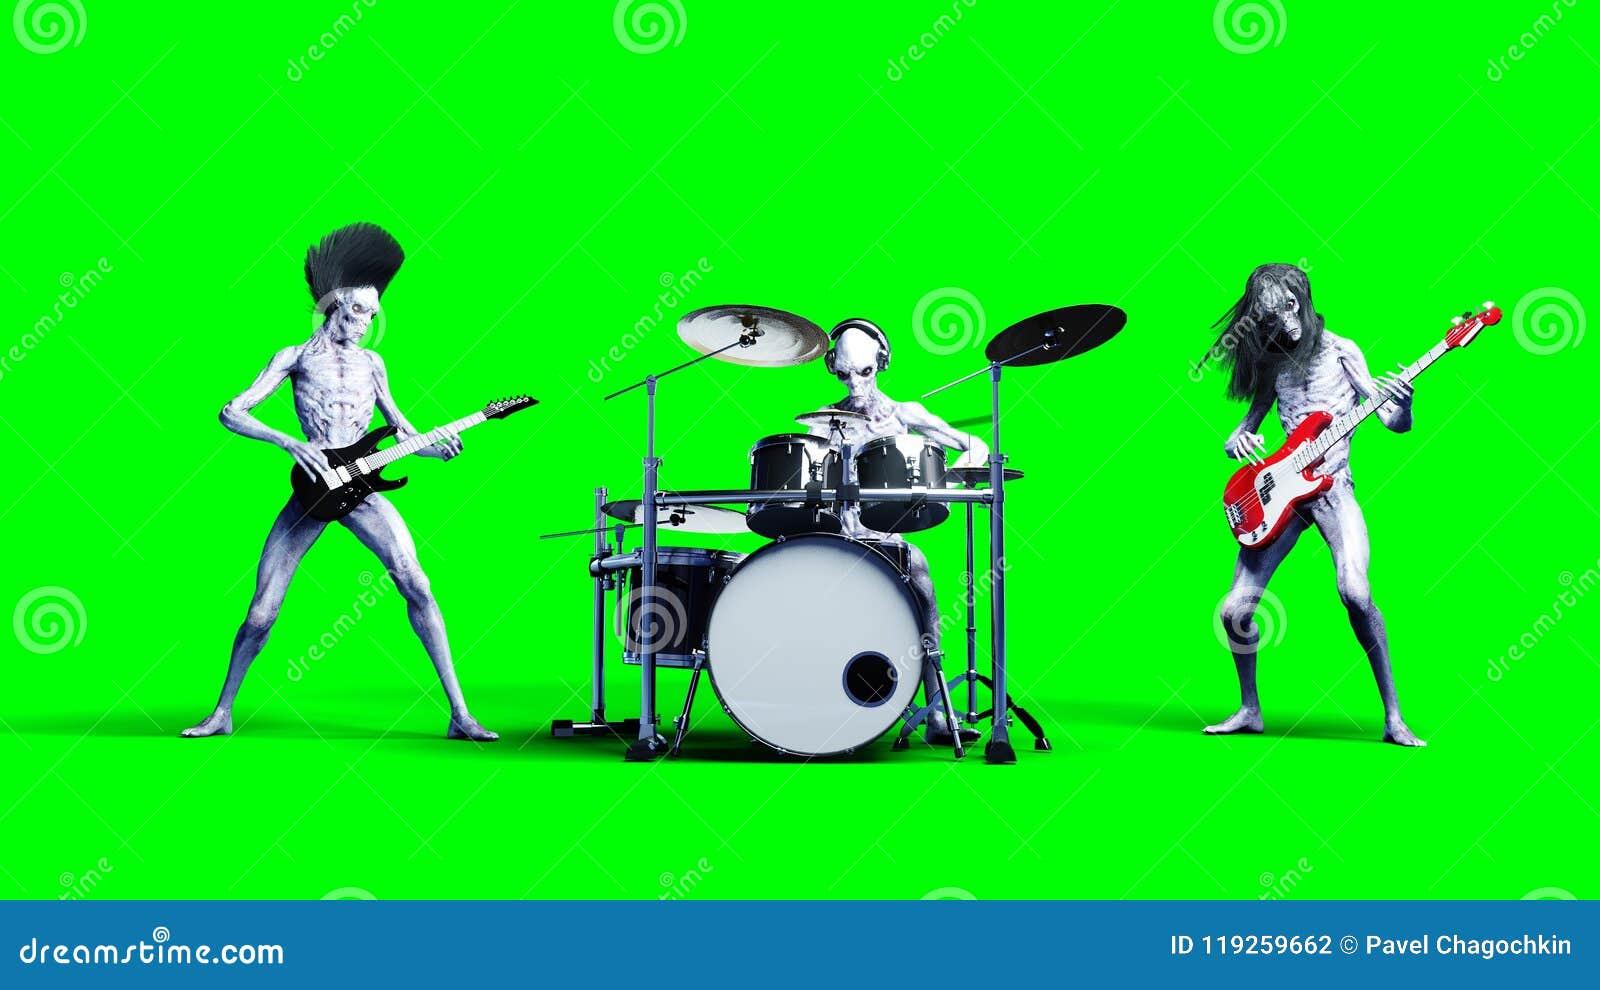 滑稽的外籍人摇滚乐队 低音,鼓,吉他 现实行动和皮肤shaders 3d翻译